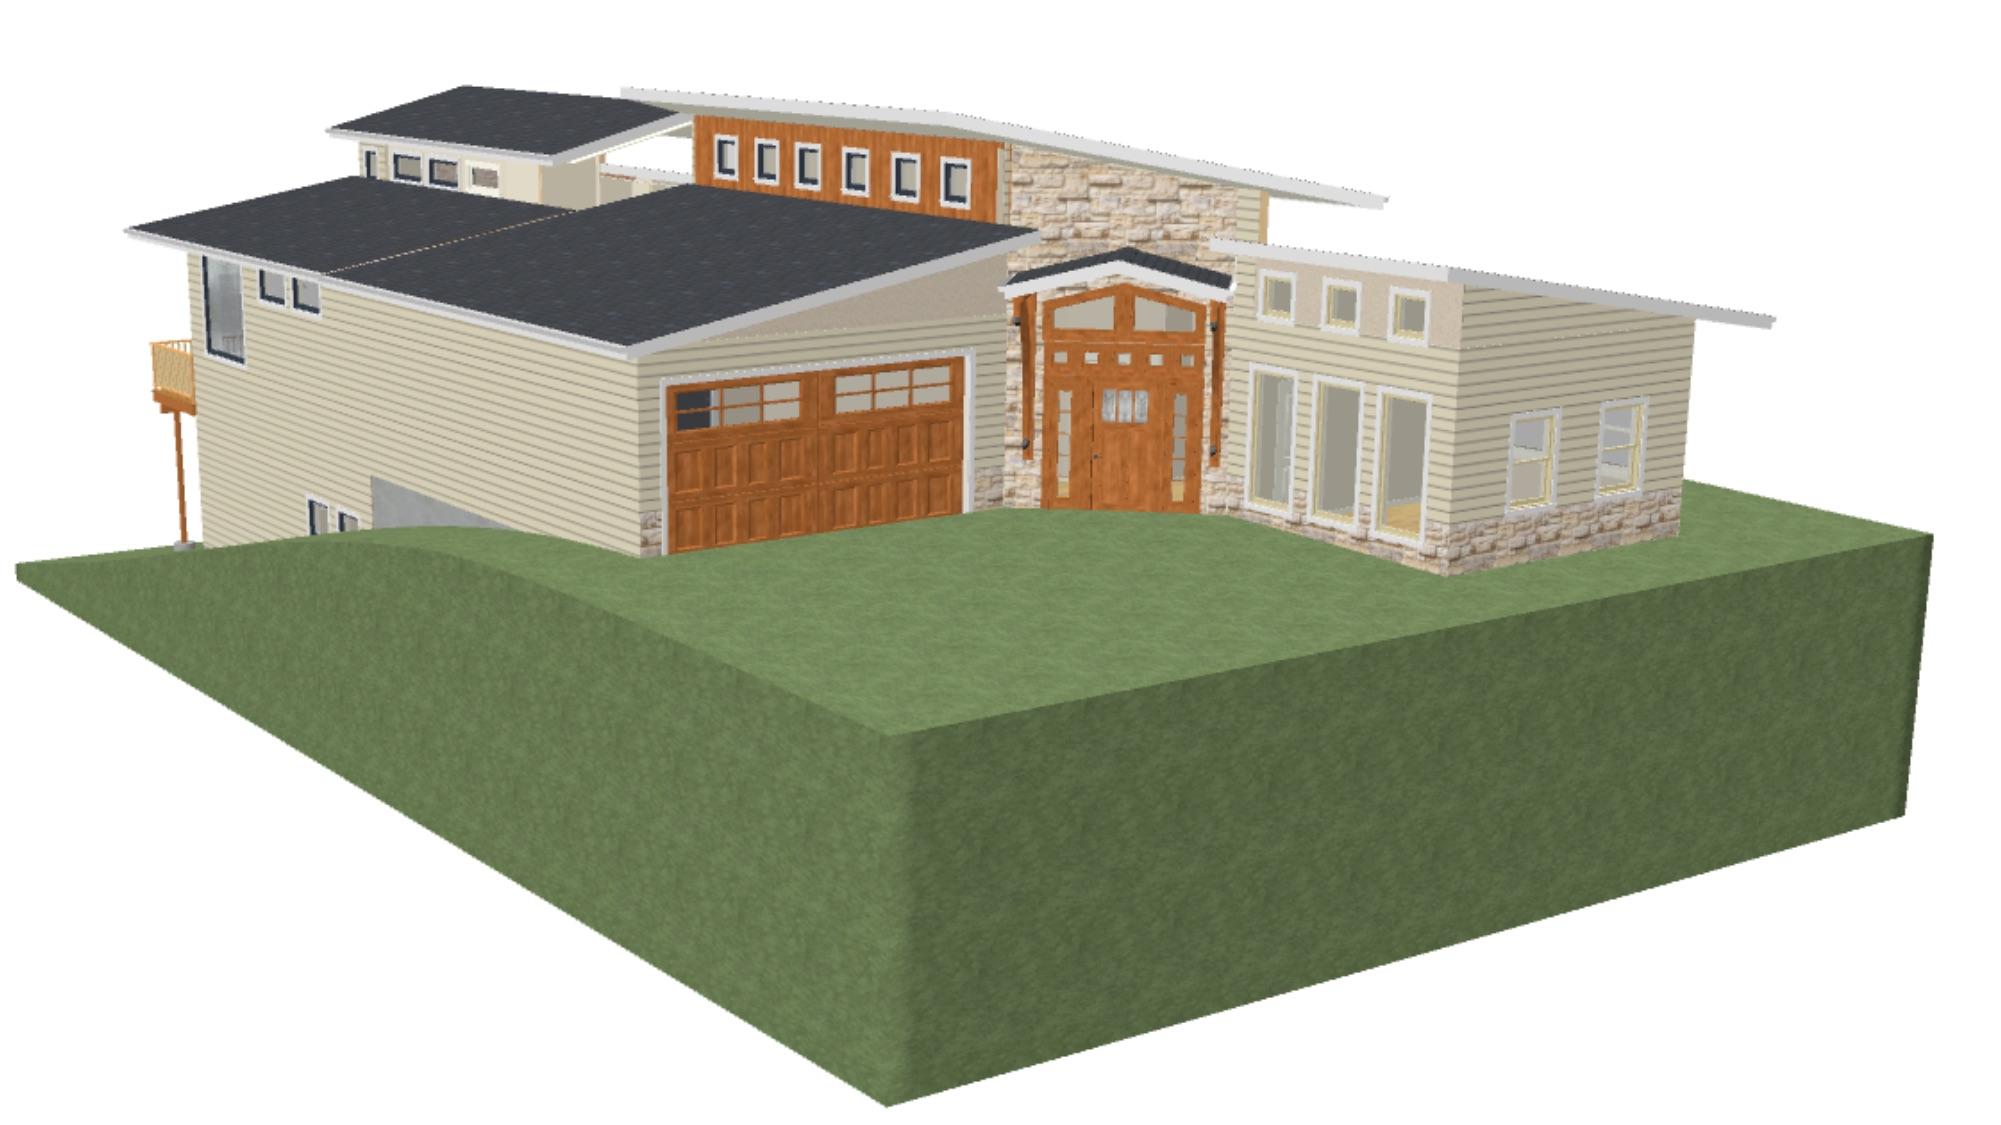 Initial concept design